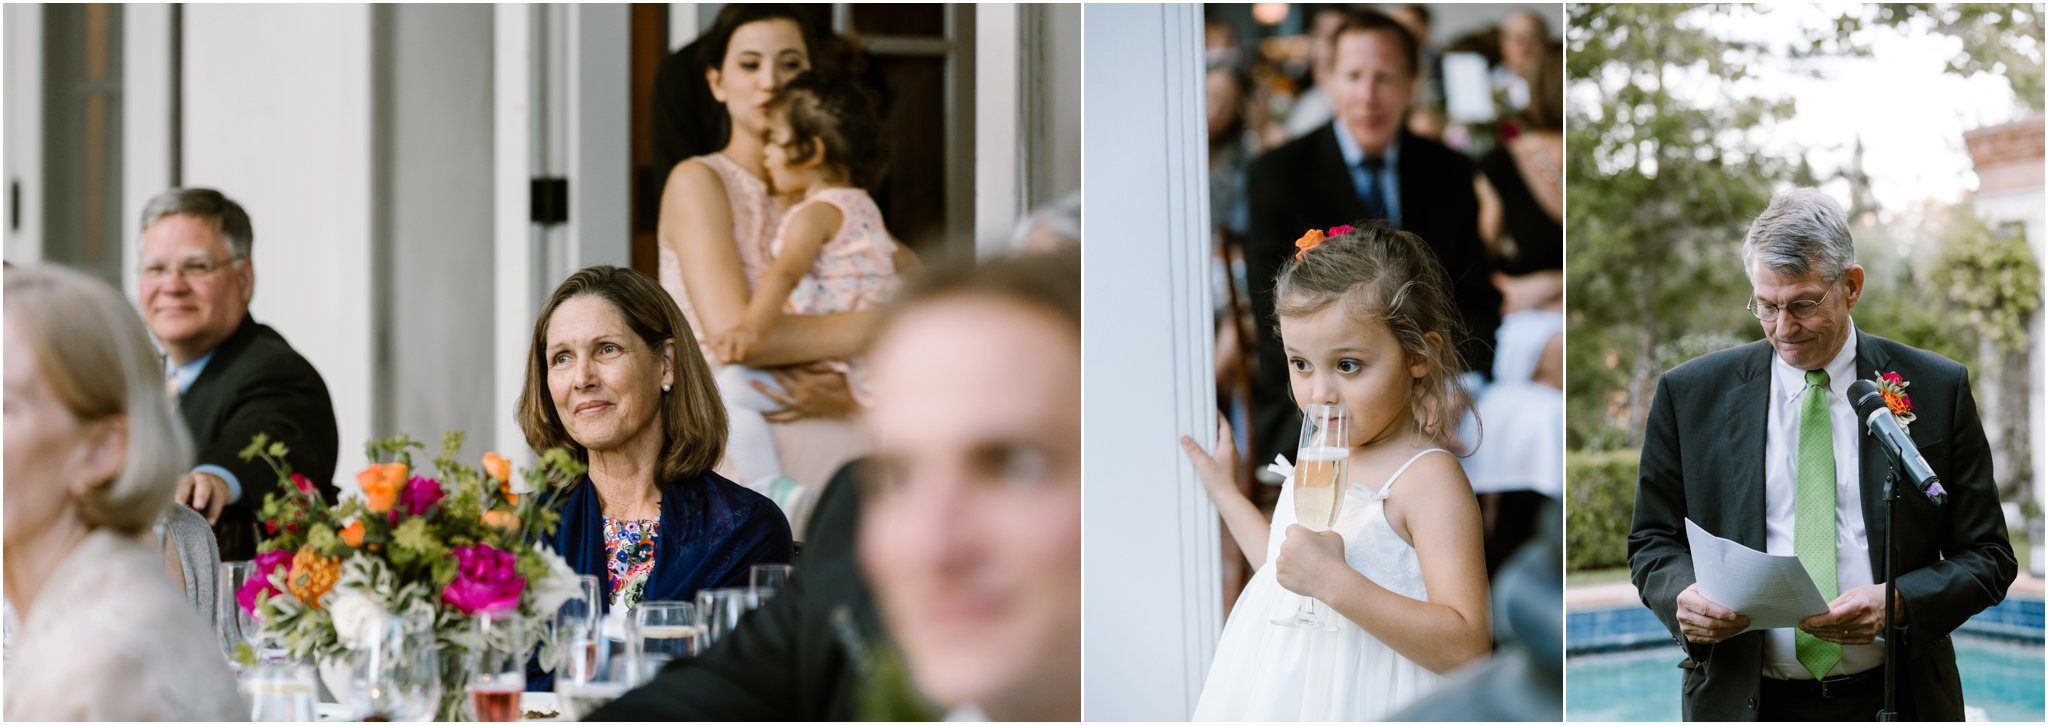 0298Los Poblanos Weddings Blue Rose Photography Studios